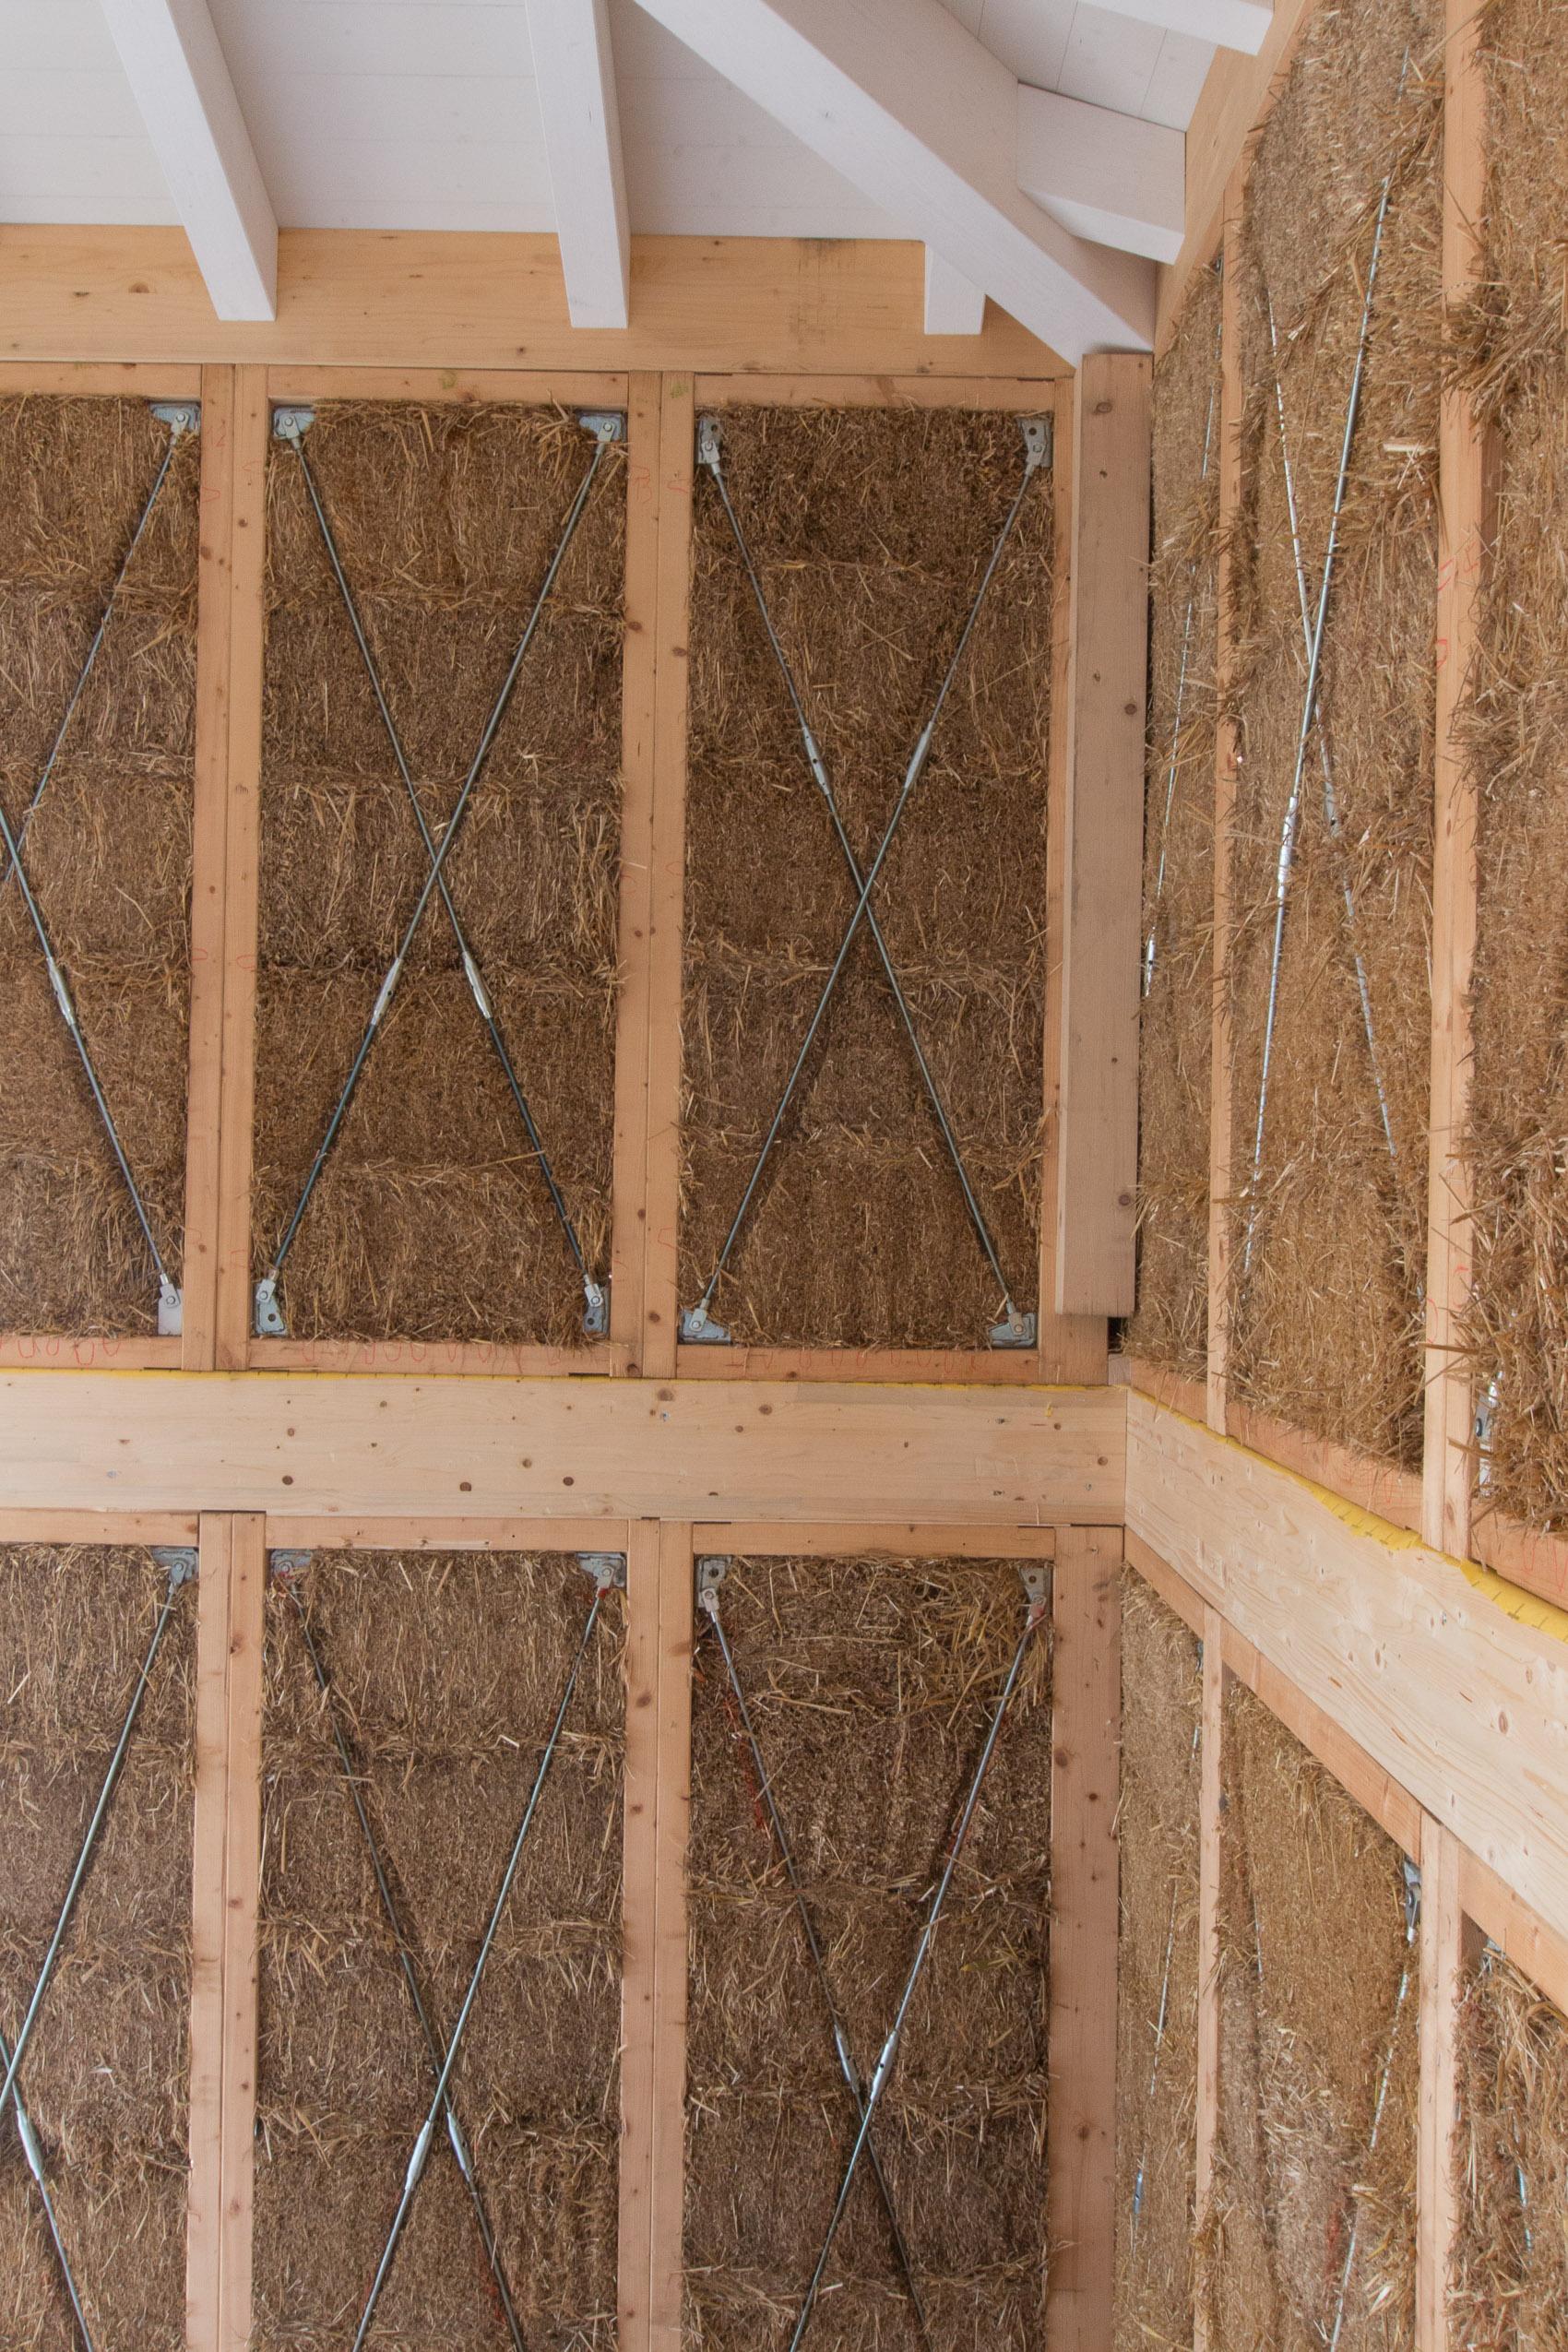 Il cordolo in legno sulla sommità dei muri collega la casa alla copertura, anche questa realizzata in balle di paglia